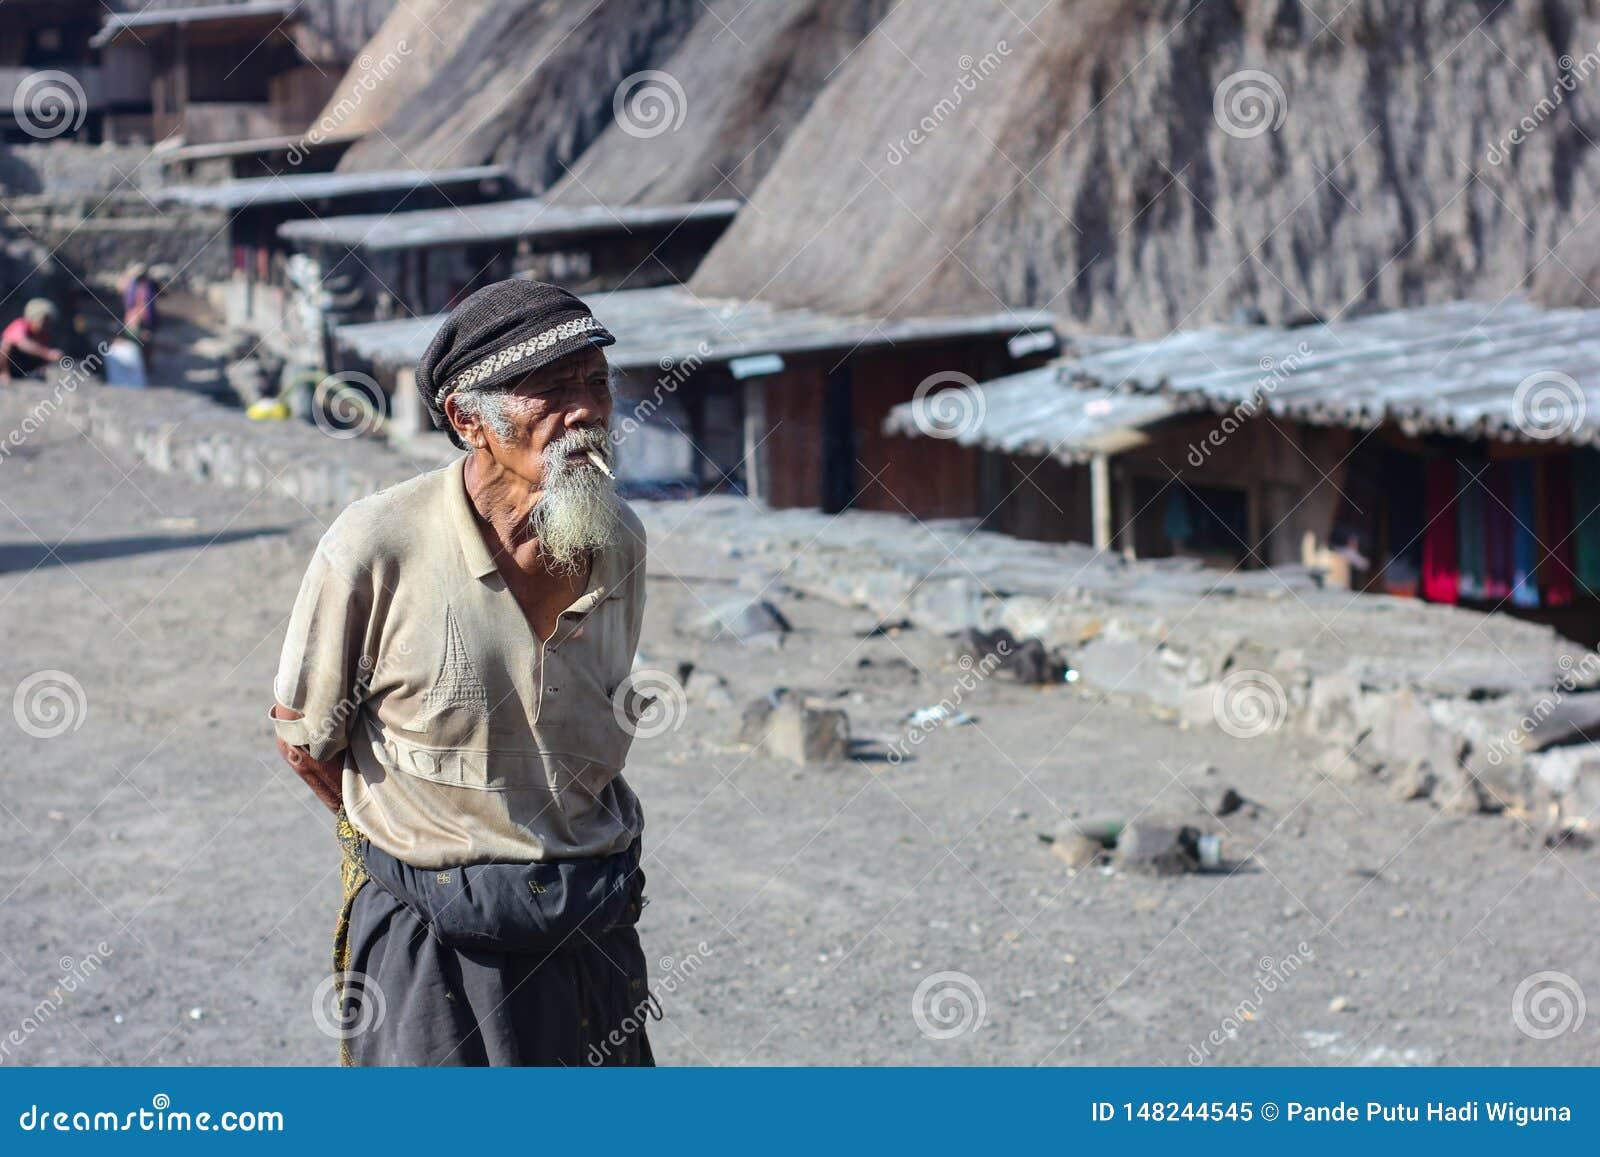 06 flores/indonesia-NOVEMBER 2012: Een landschap van een oud dorp riep Bena-dorp in Flores en een grootvader kleedde zich in a